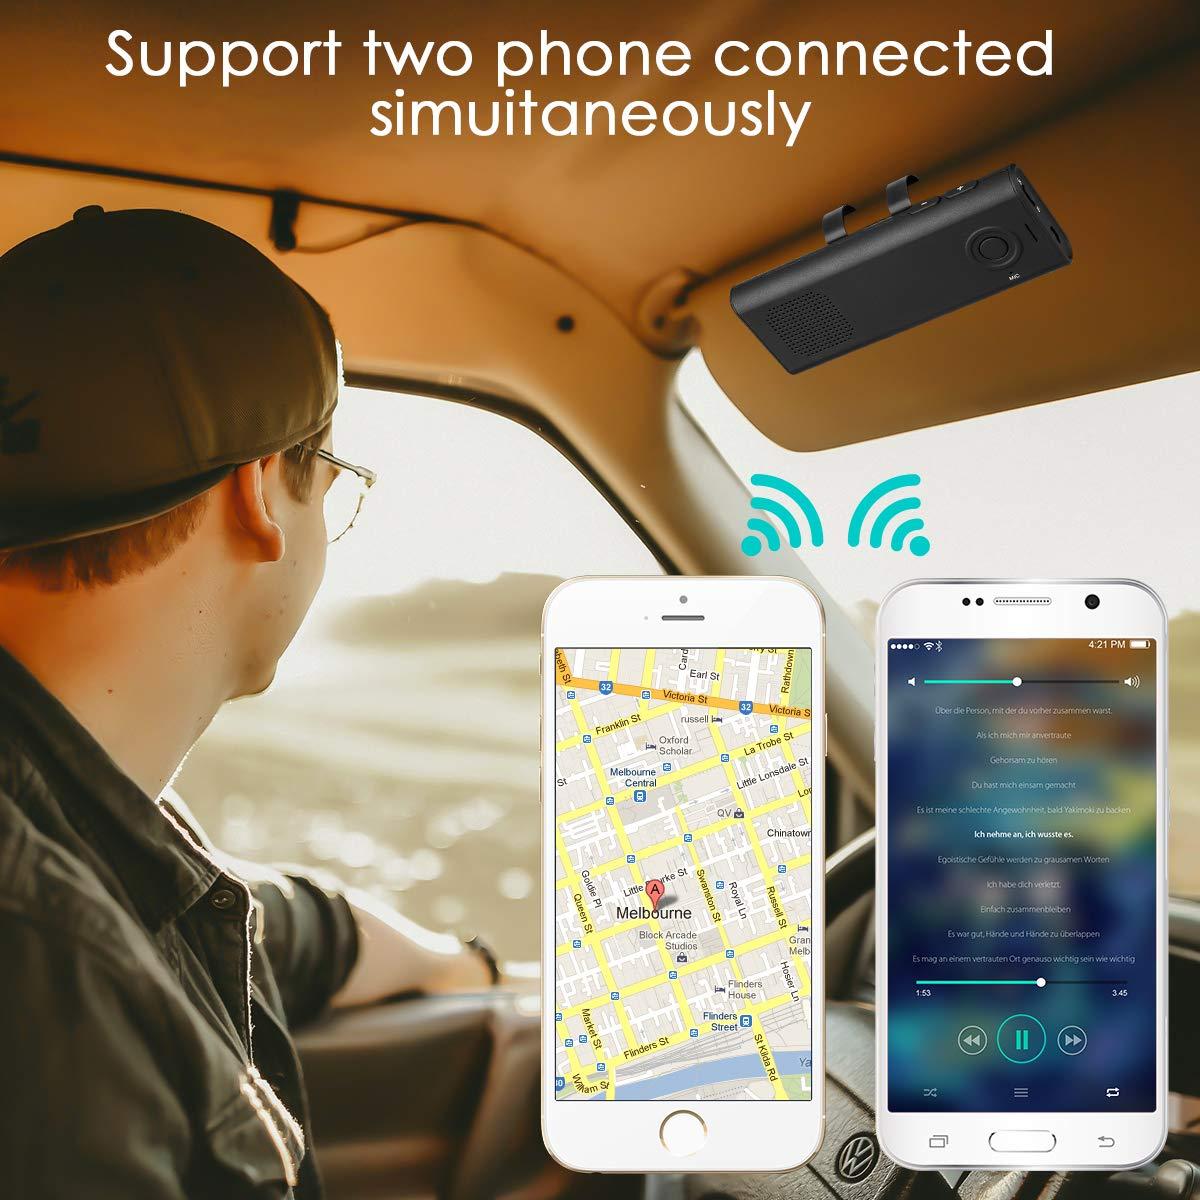 SAWAKE Kit de Visera de Manos Libres, Control Remoto de Voz Compatible con Siri, Encendido automático del Altavoz, Altavoz de Manos Libres en el Coche, ...